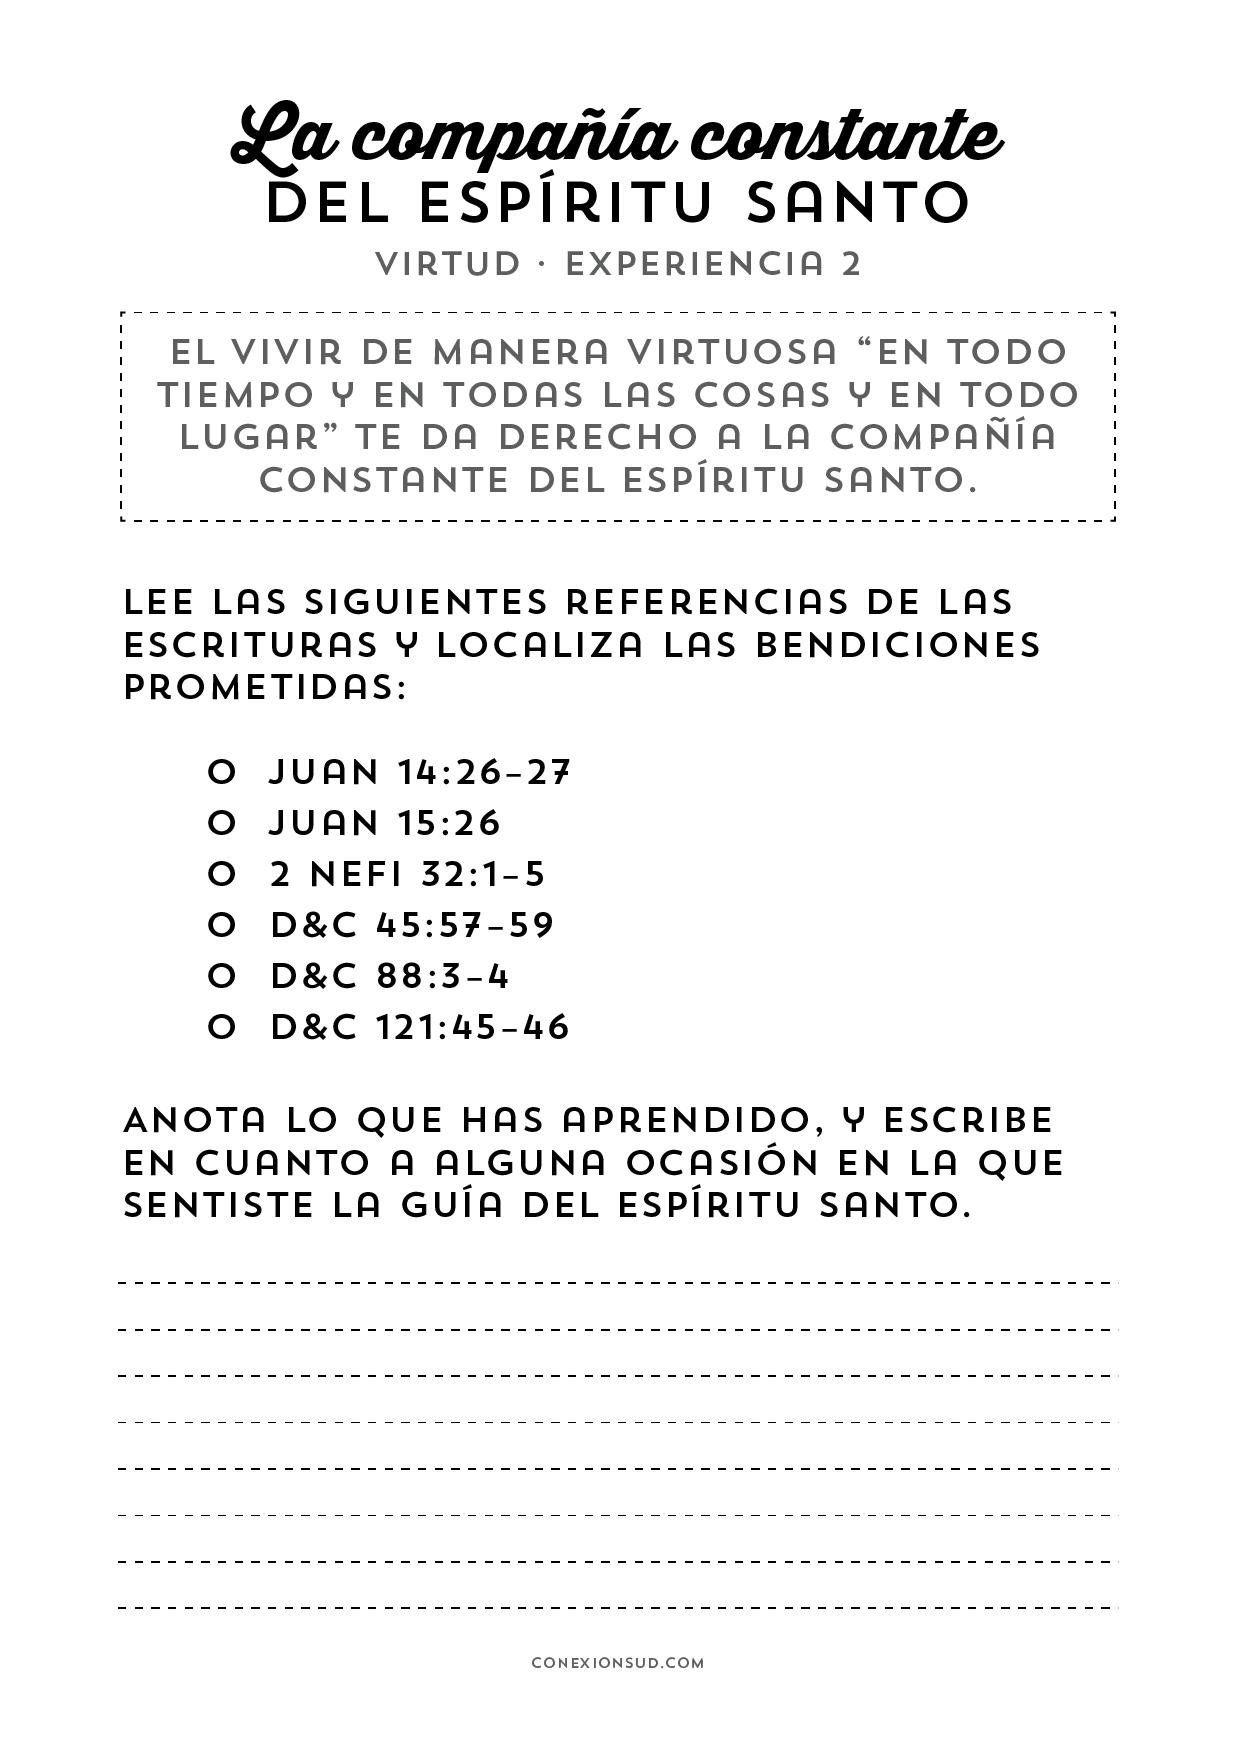 Virtud 2 - Espiritu Santo - ConexionSUD